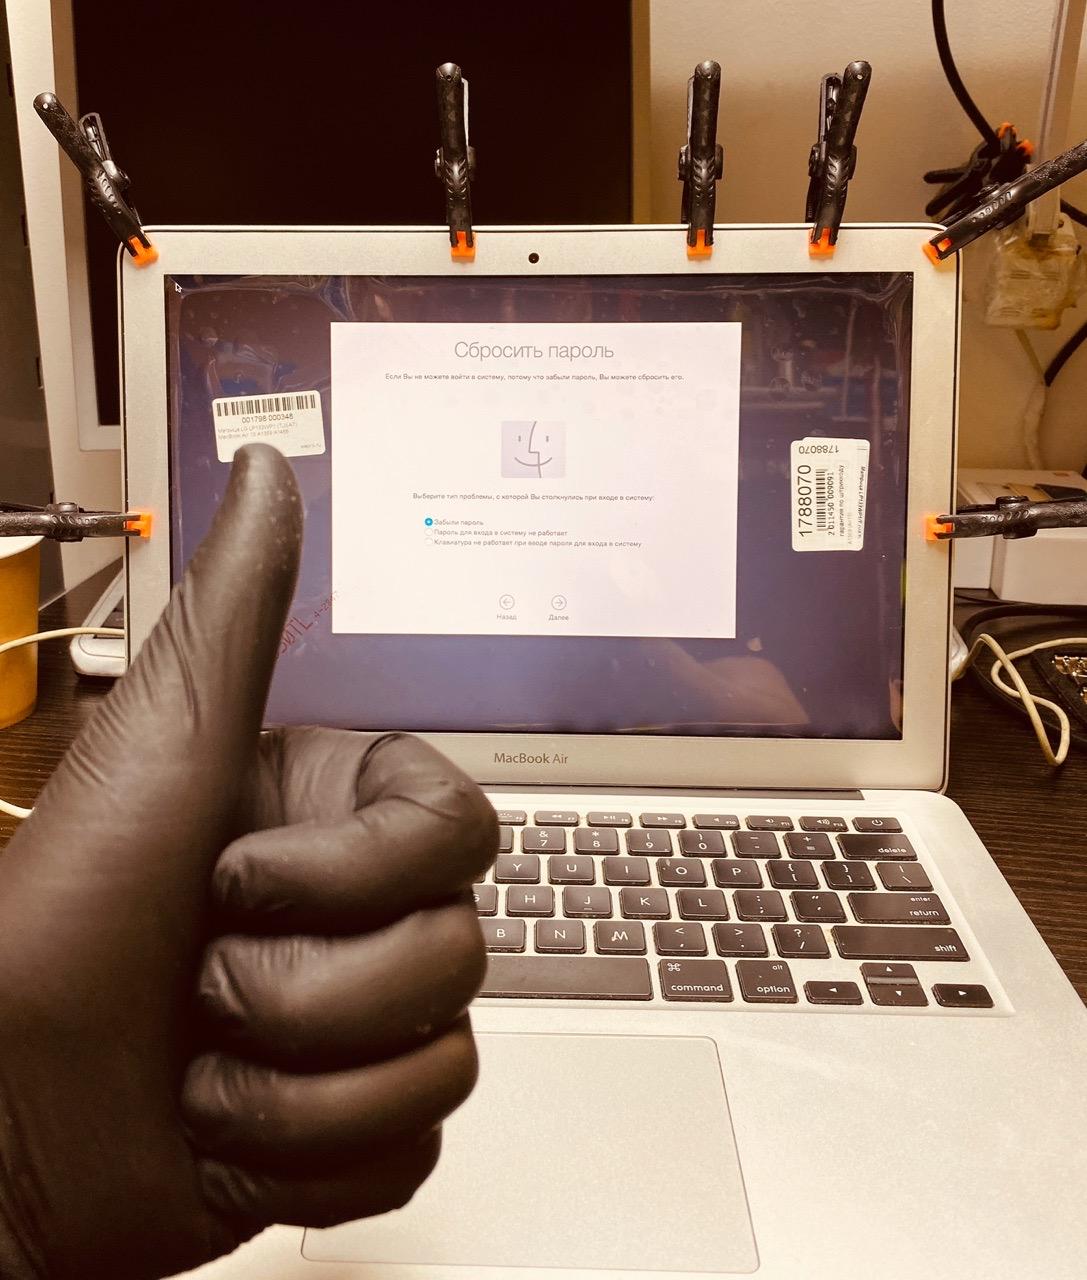 Сбросить пароль макбук